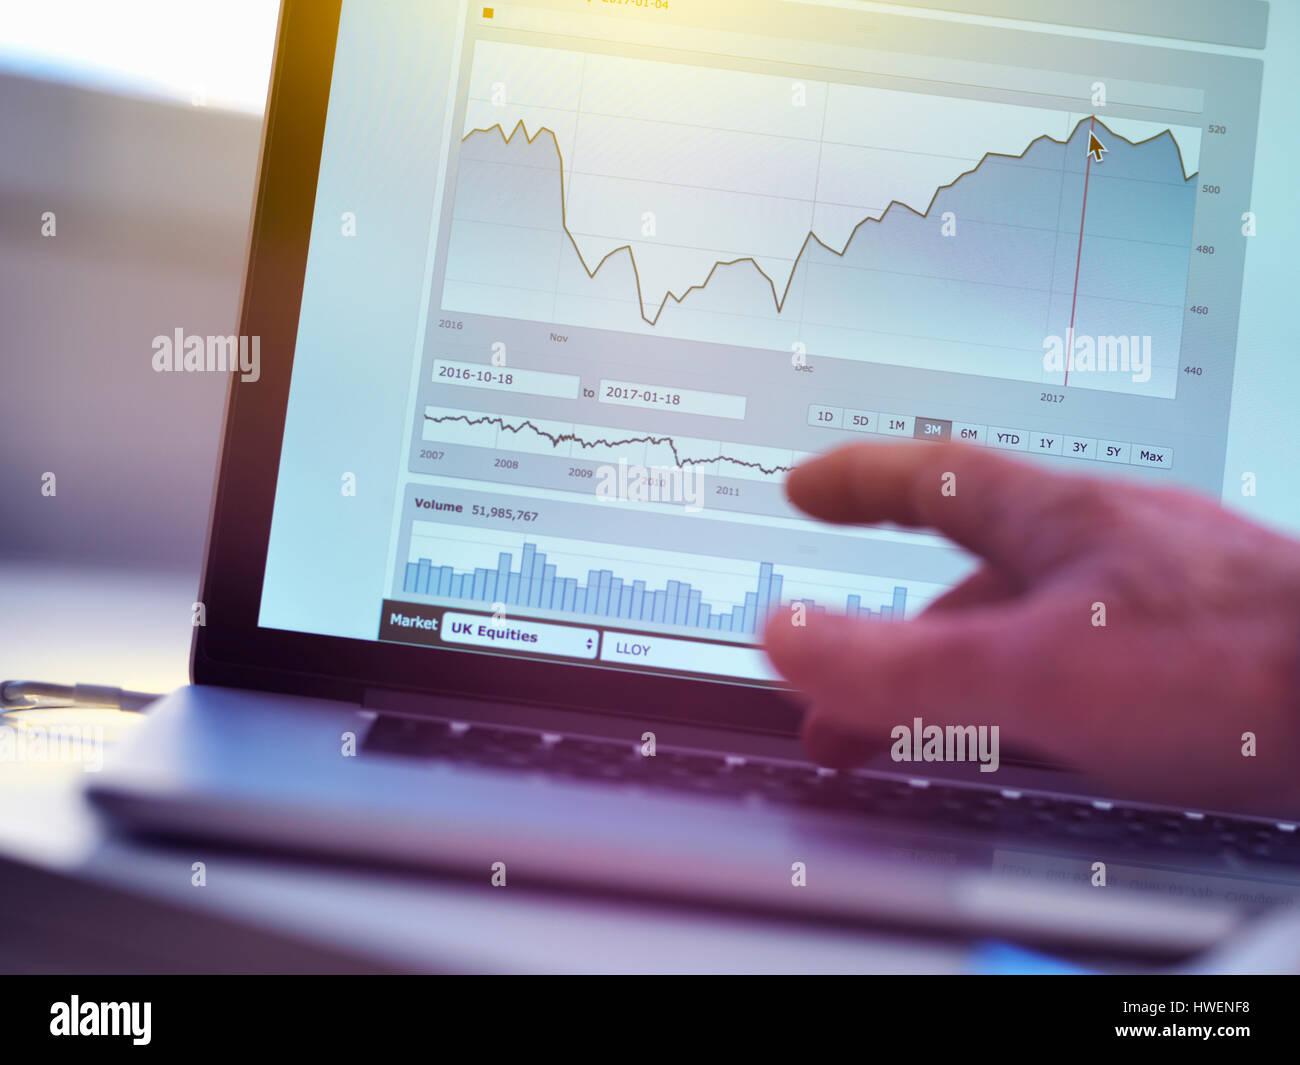 Ver empresa inversionista compartir datos de mercado el precio de un ordenador portátil Foto de stock